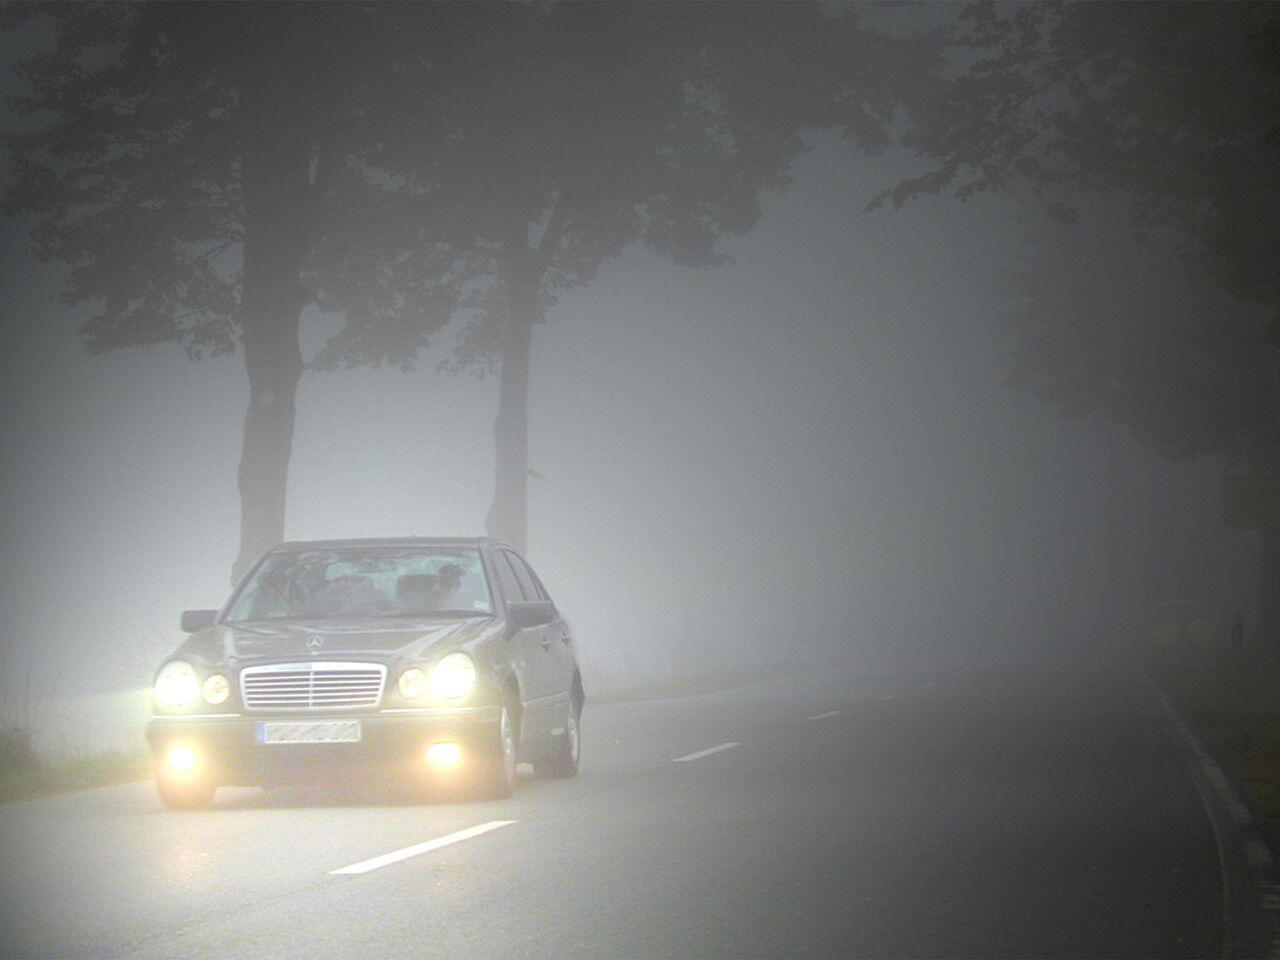 Bild zu Autofahren im Herbst: So bereiten Sie Ihr Fahrzeug richtig vor